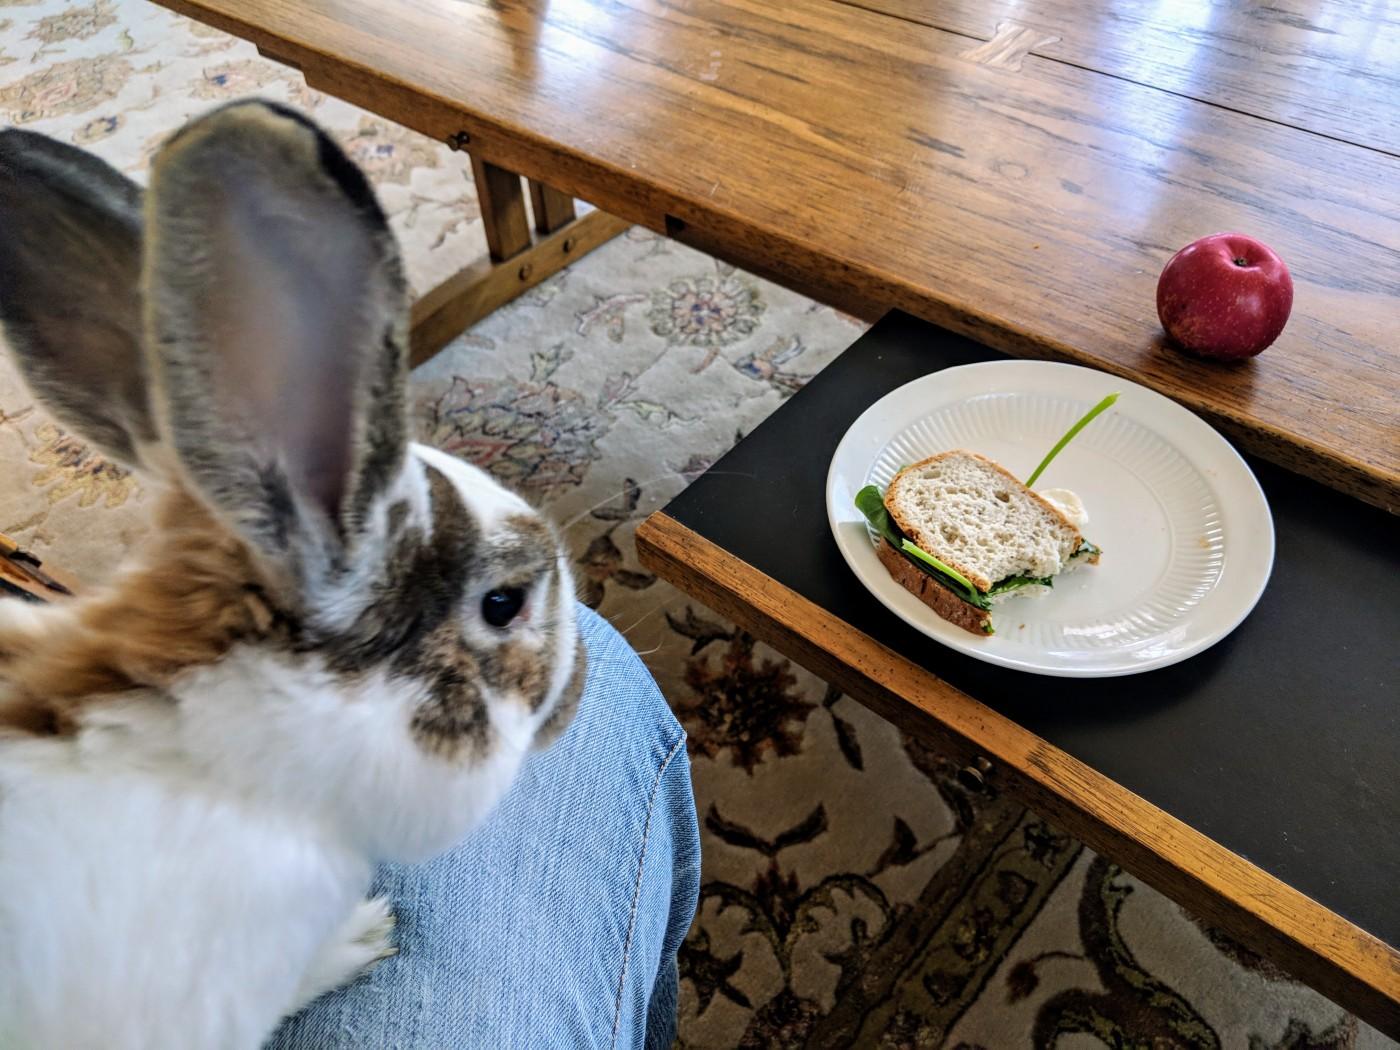 Rabbit eating my sandwich Nasturtium-Sandwhich-Rabbit